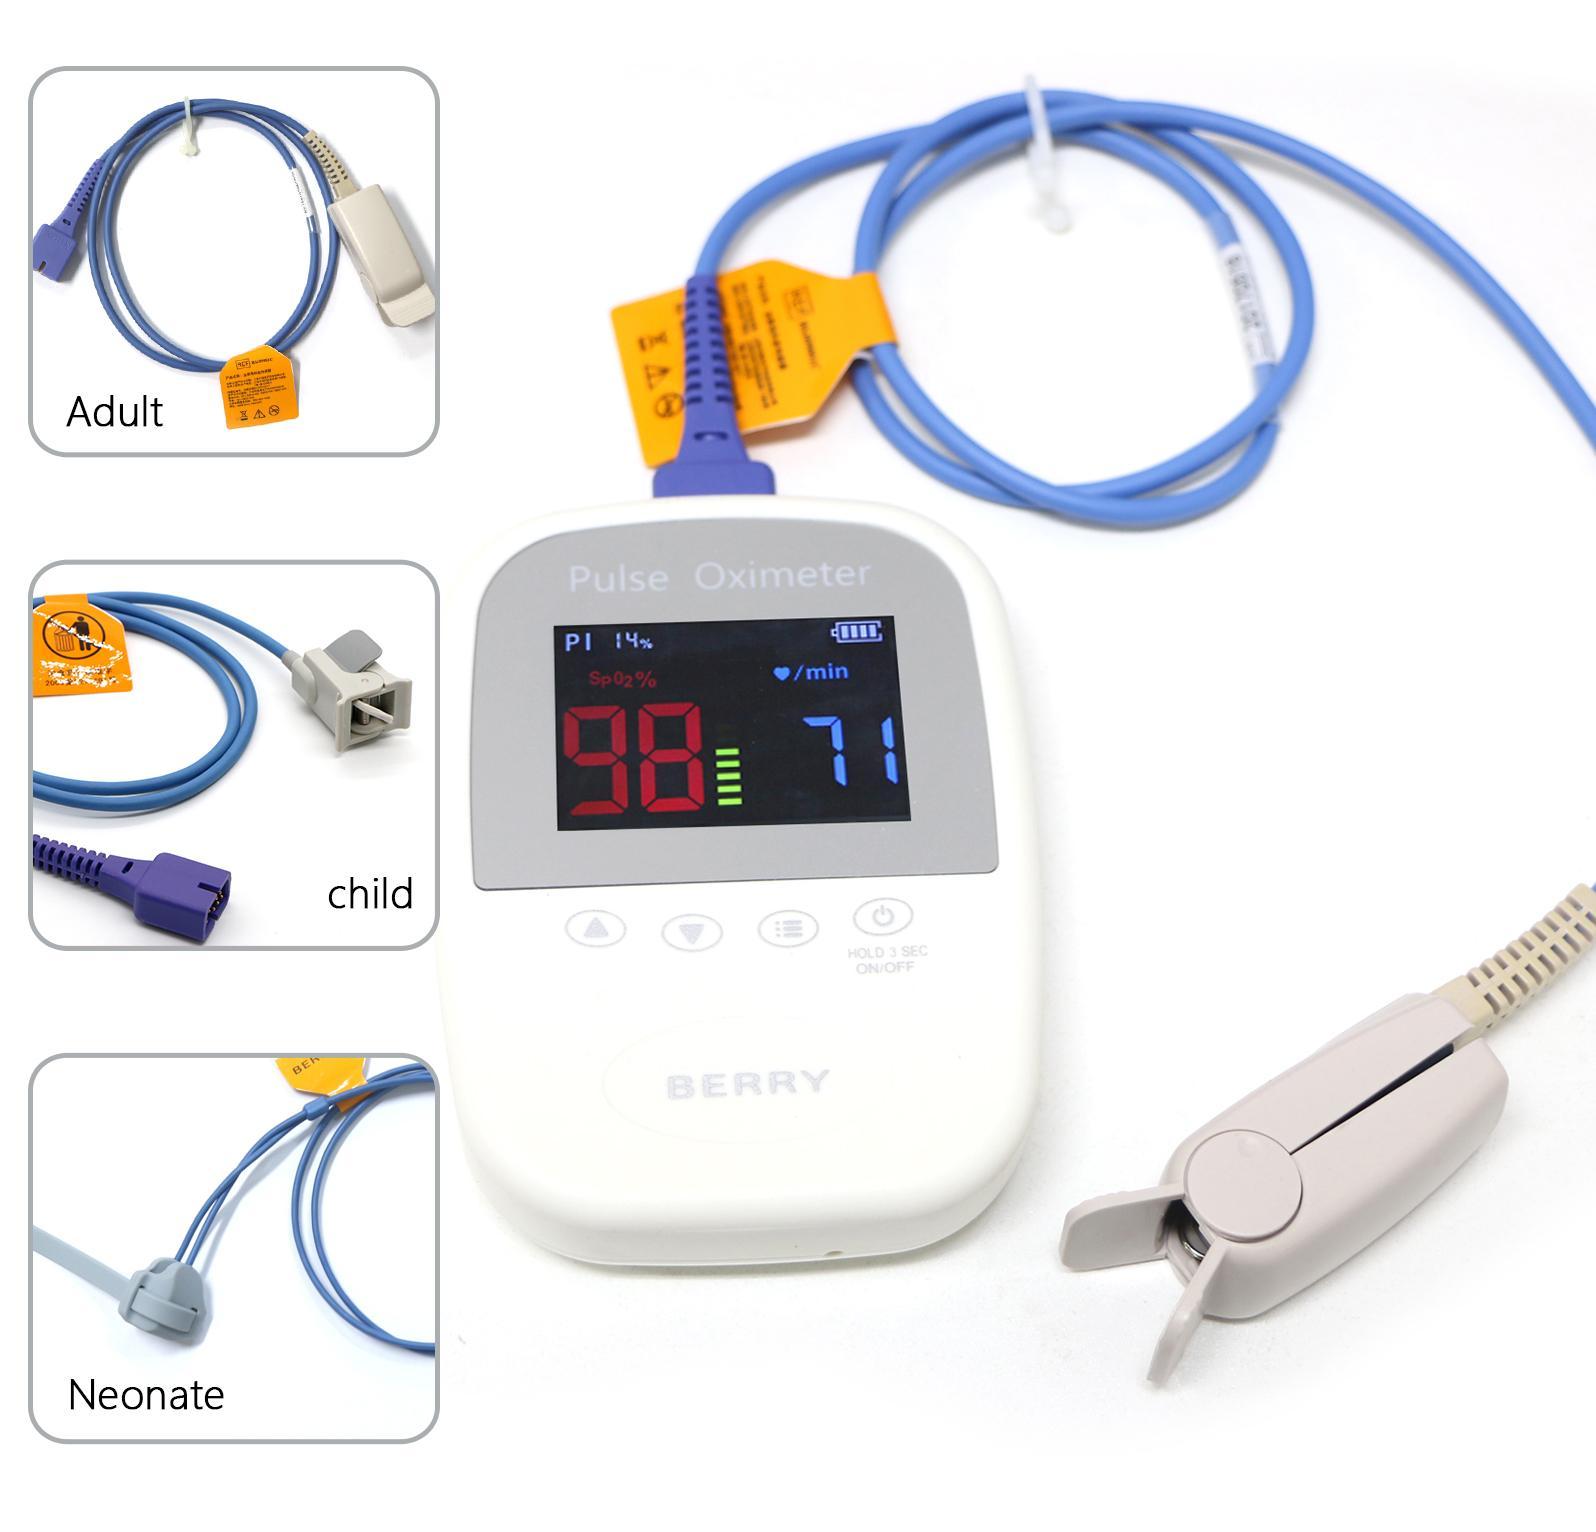 CE认证的OLED显示屏手持式指尖脉搏血氧仪 5